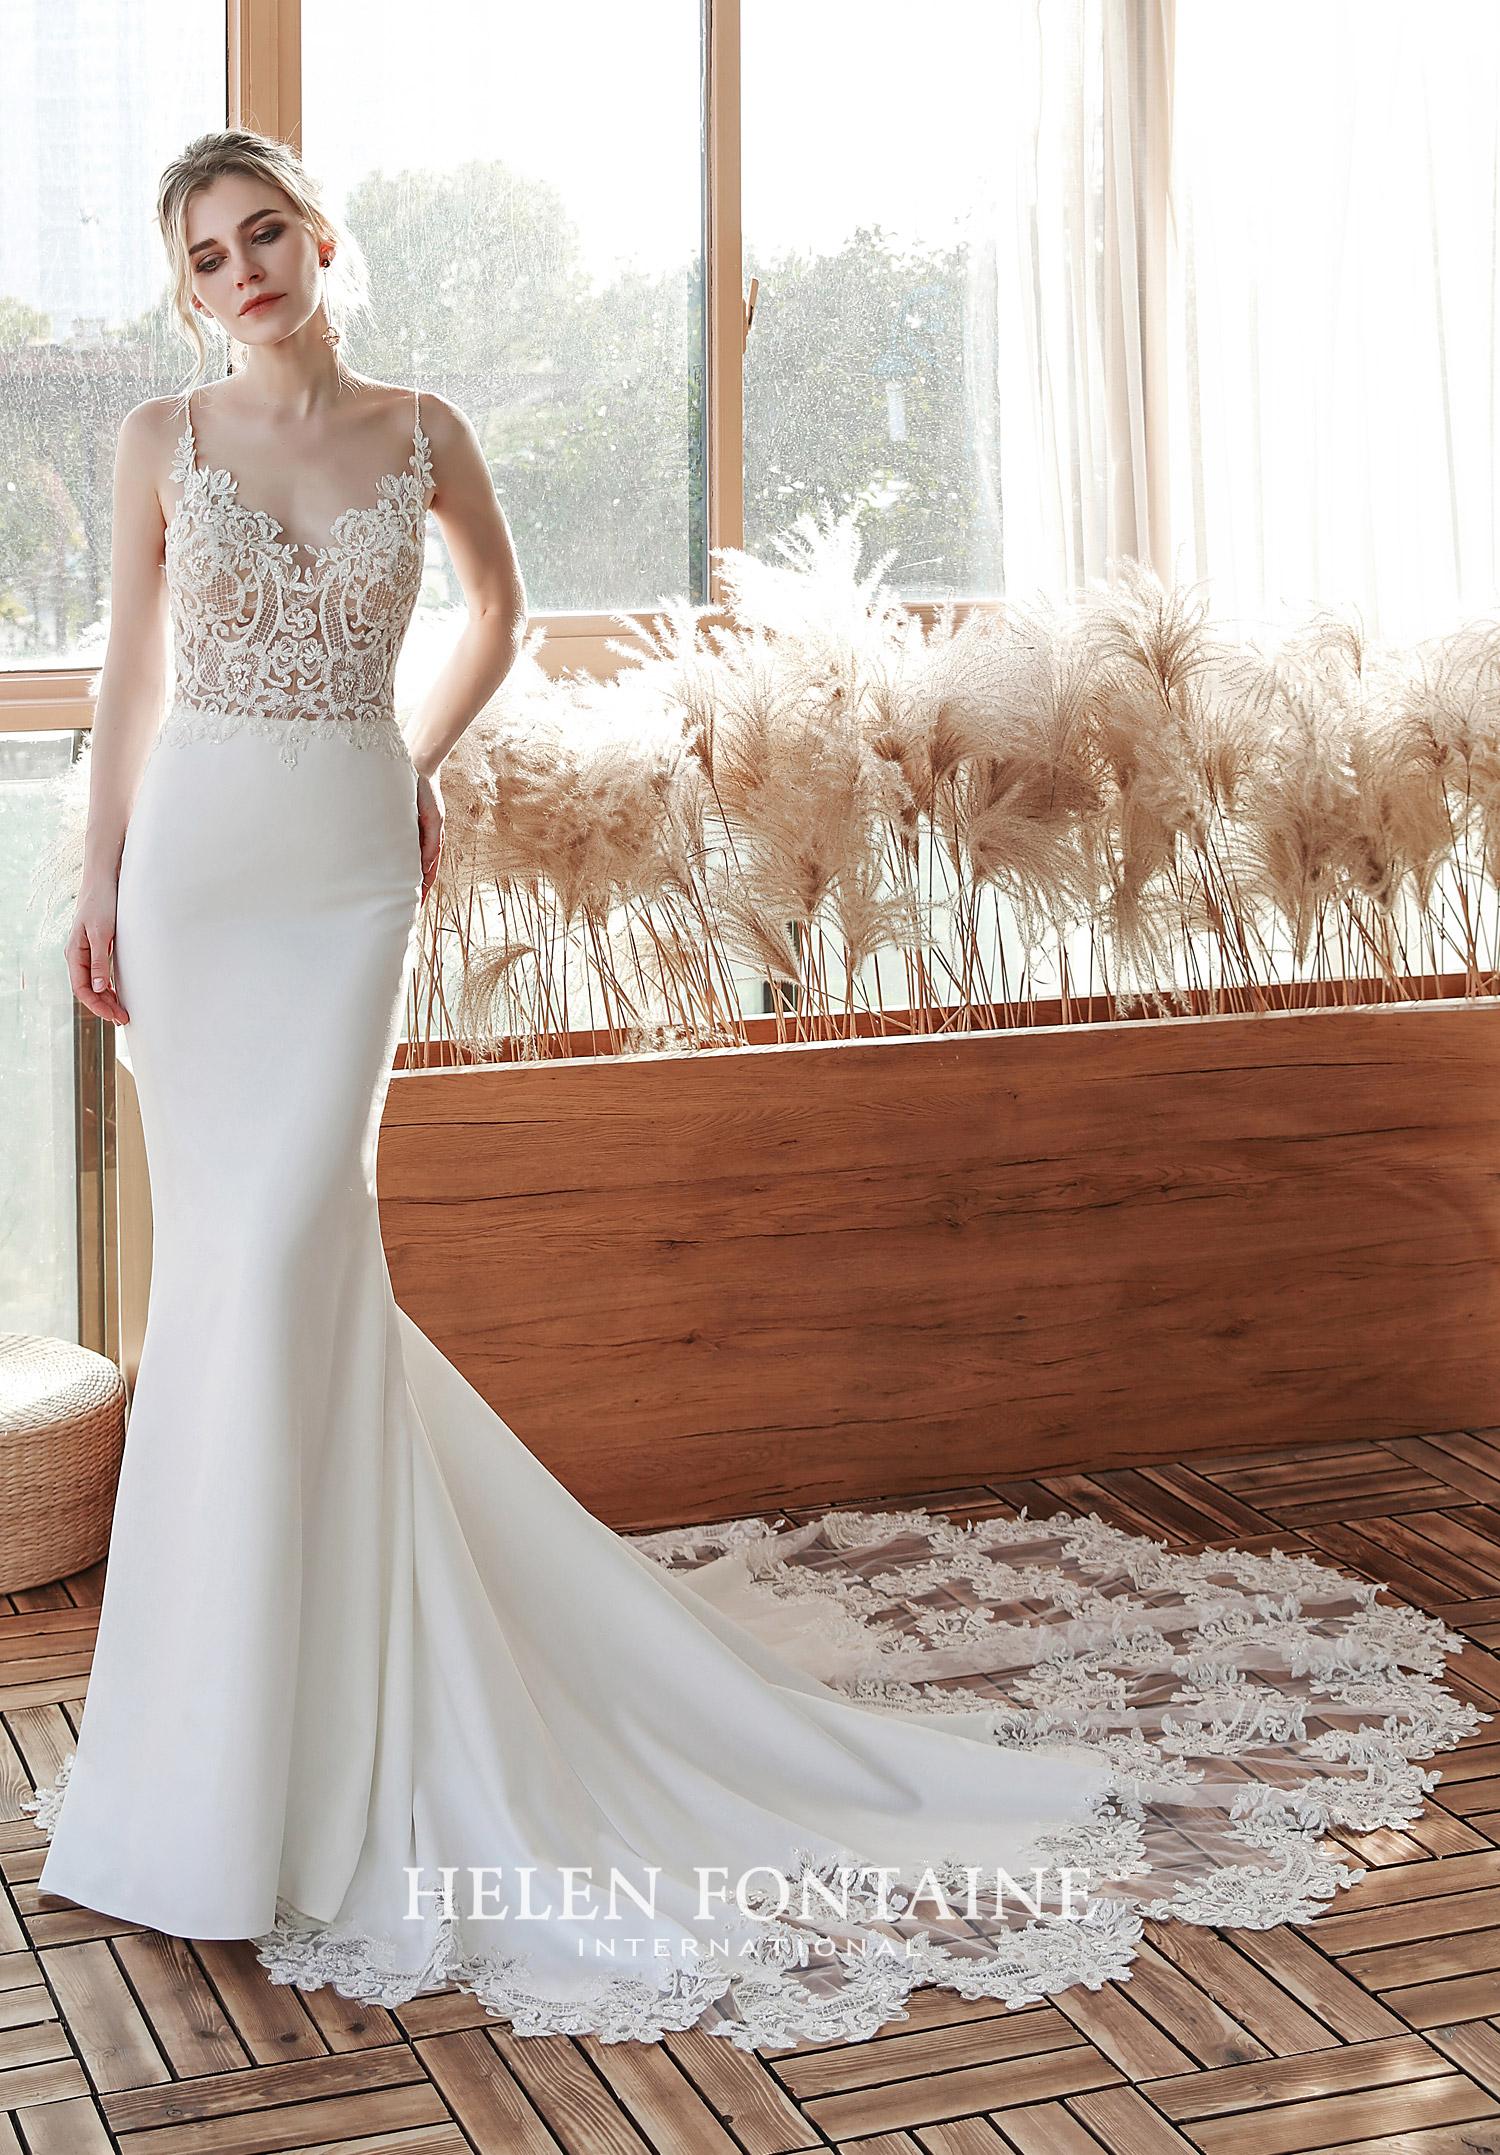 SHEATH WEDDING DRESS WITH CUTOUT TRAIN